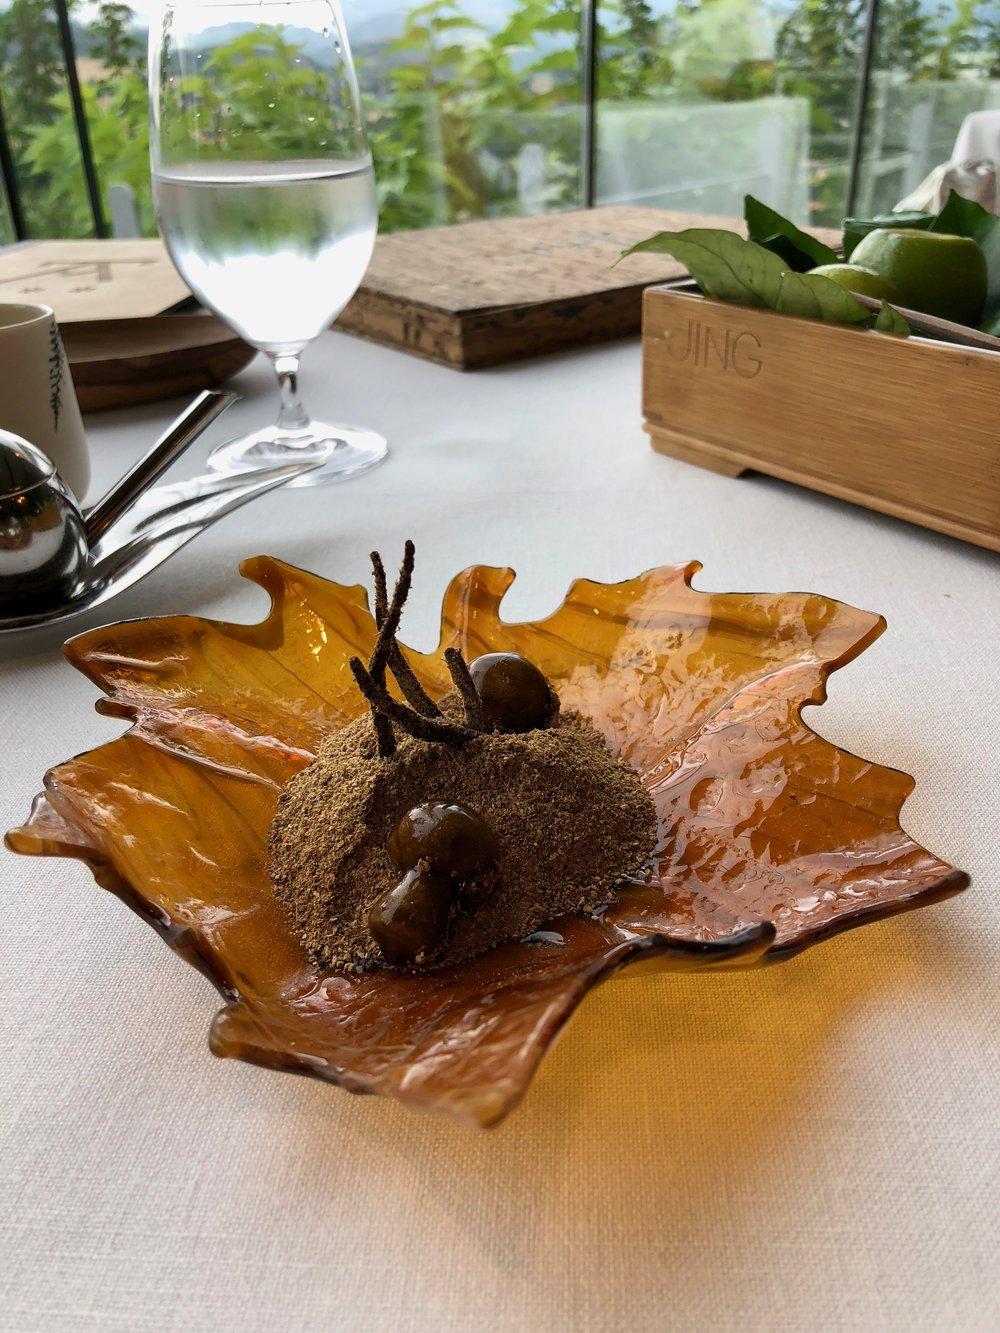 12. Mushroom Praline